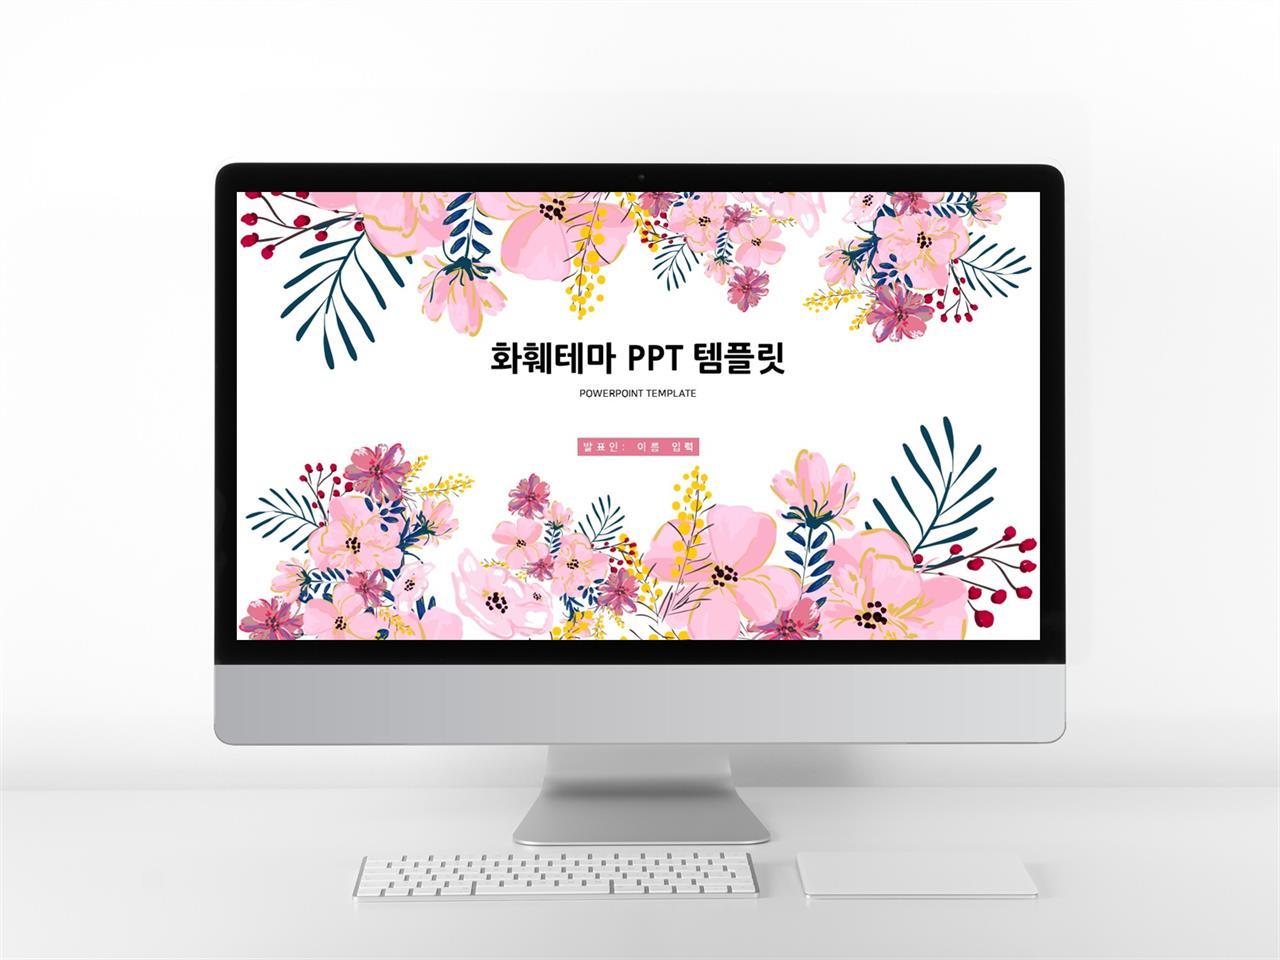 동식물, 애완동물 분홍색 단아한 매력적인 파워포인트배경 제작 미리보기